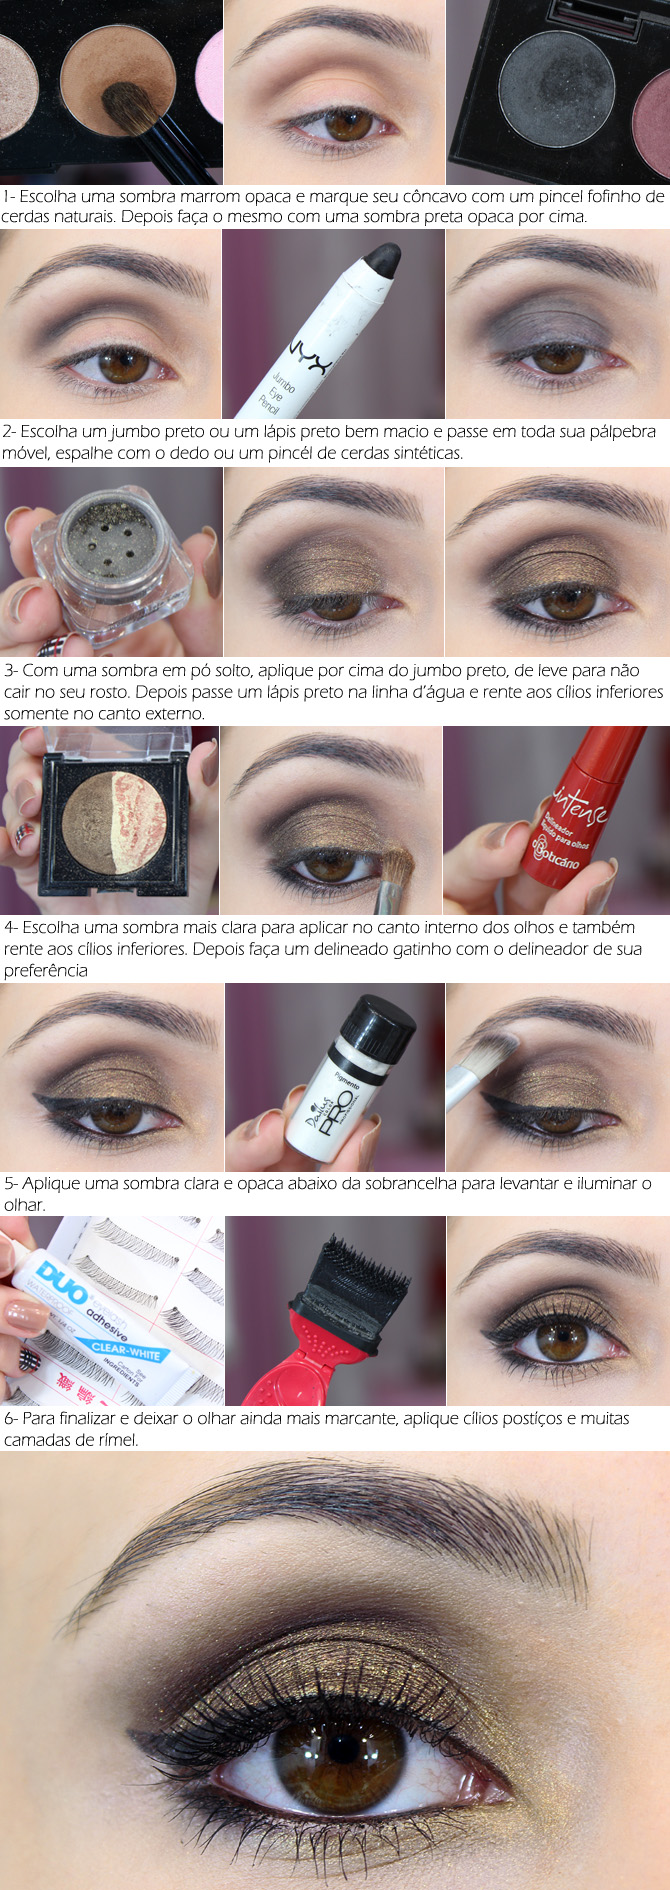 01 - tutorial maquiagem fácil para a noite